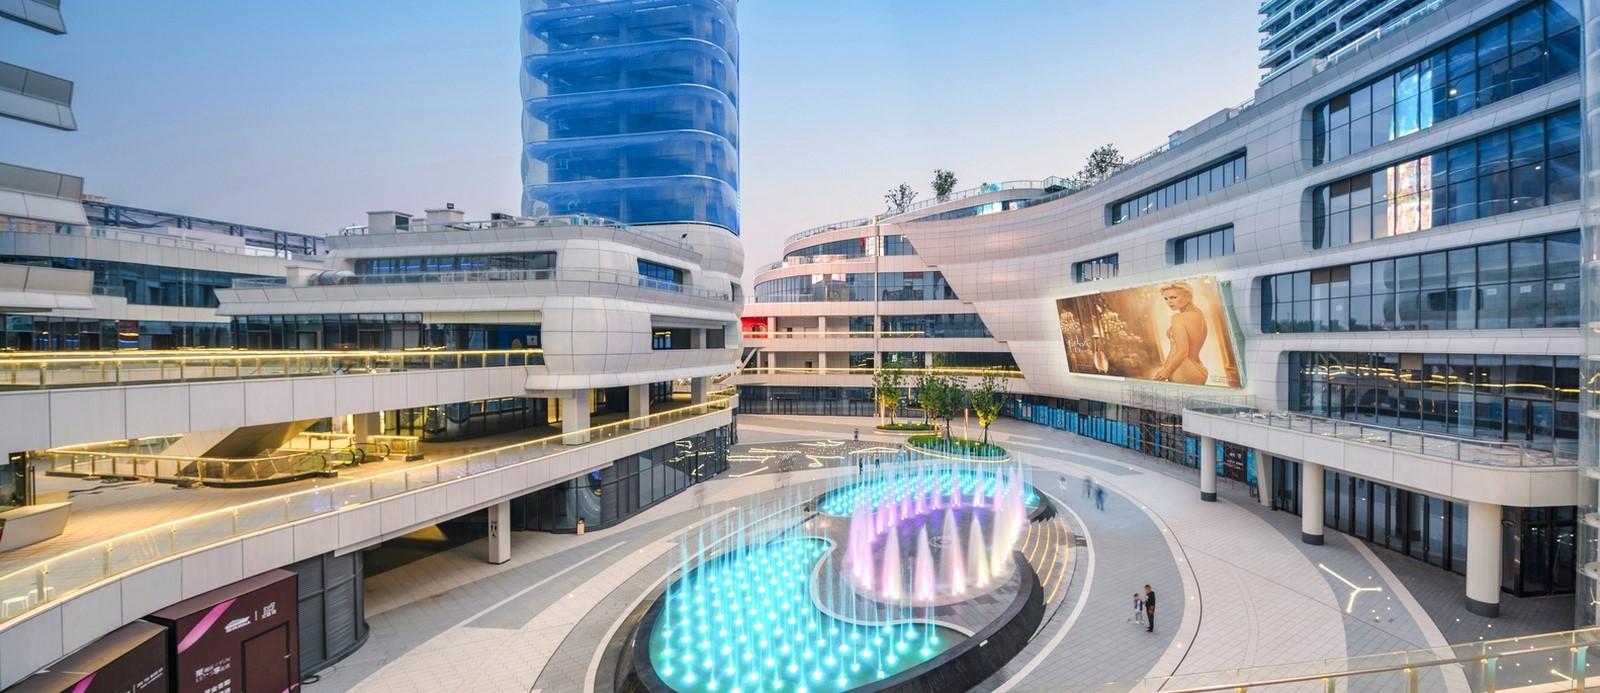 Haishang Plaza - Sheet1